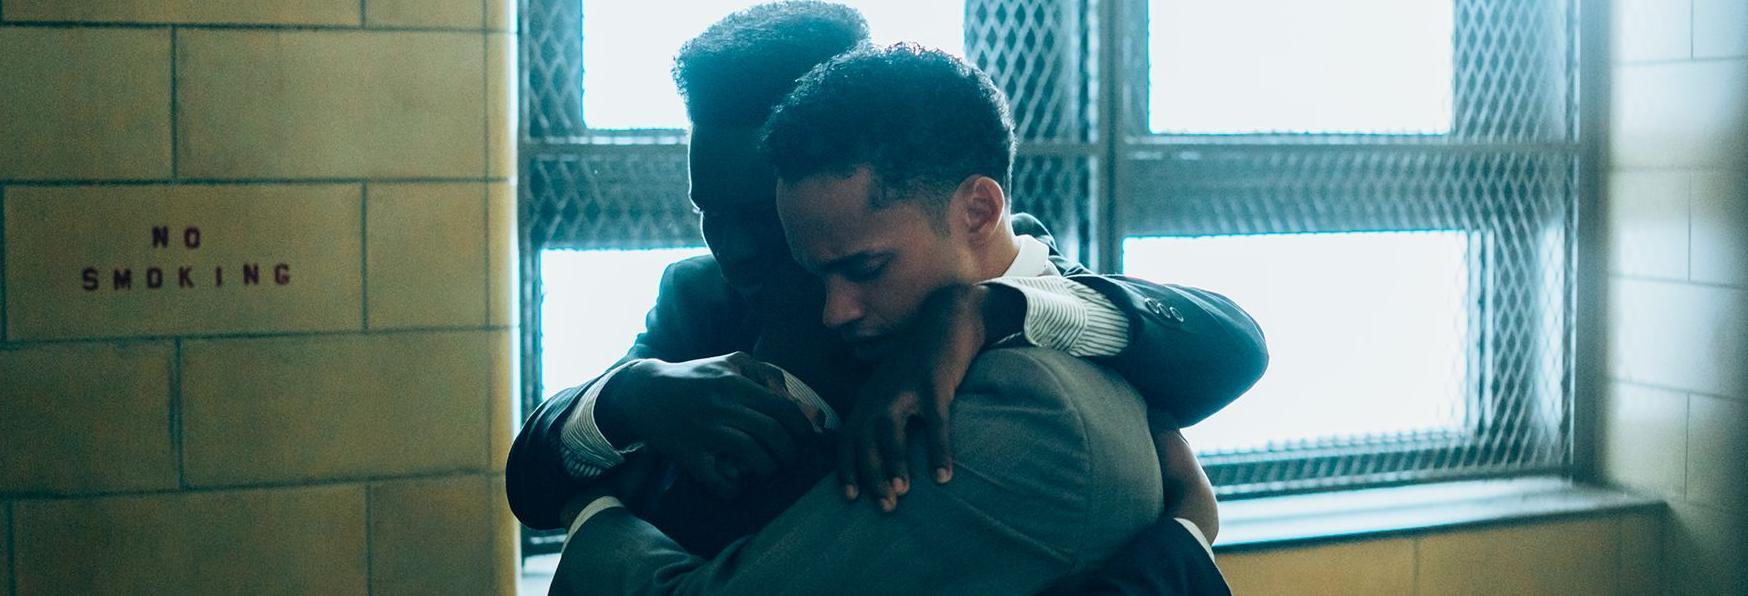 When They See Us: la nostra Recensione sulla Serie Netflix, e una Riflessione sulle Argomentazioni trattate